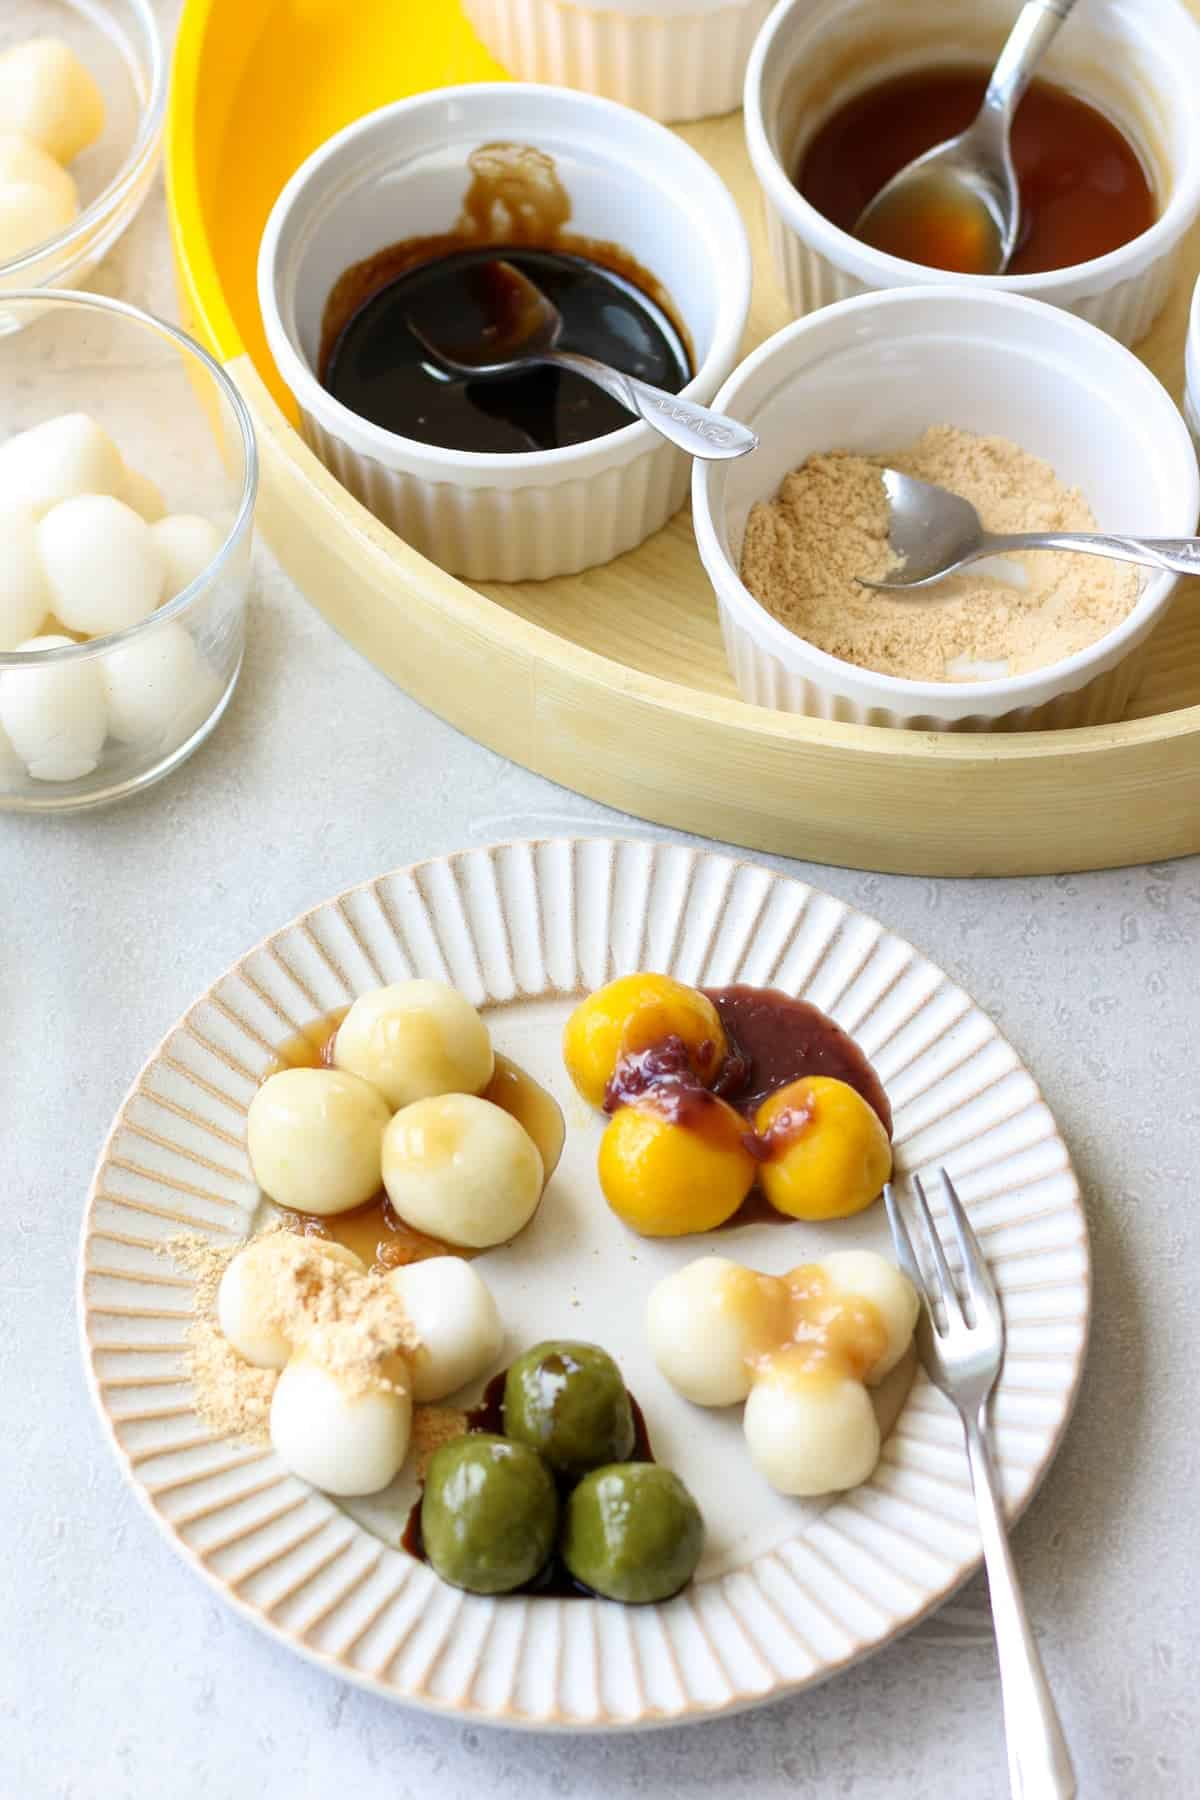 お皿に盛り付けられた5種類の白玉団子とトッピングソース